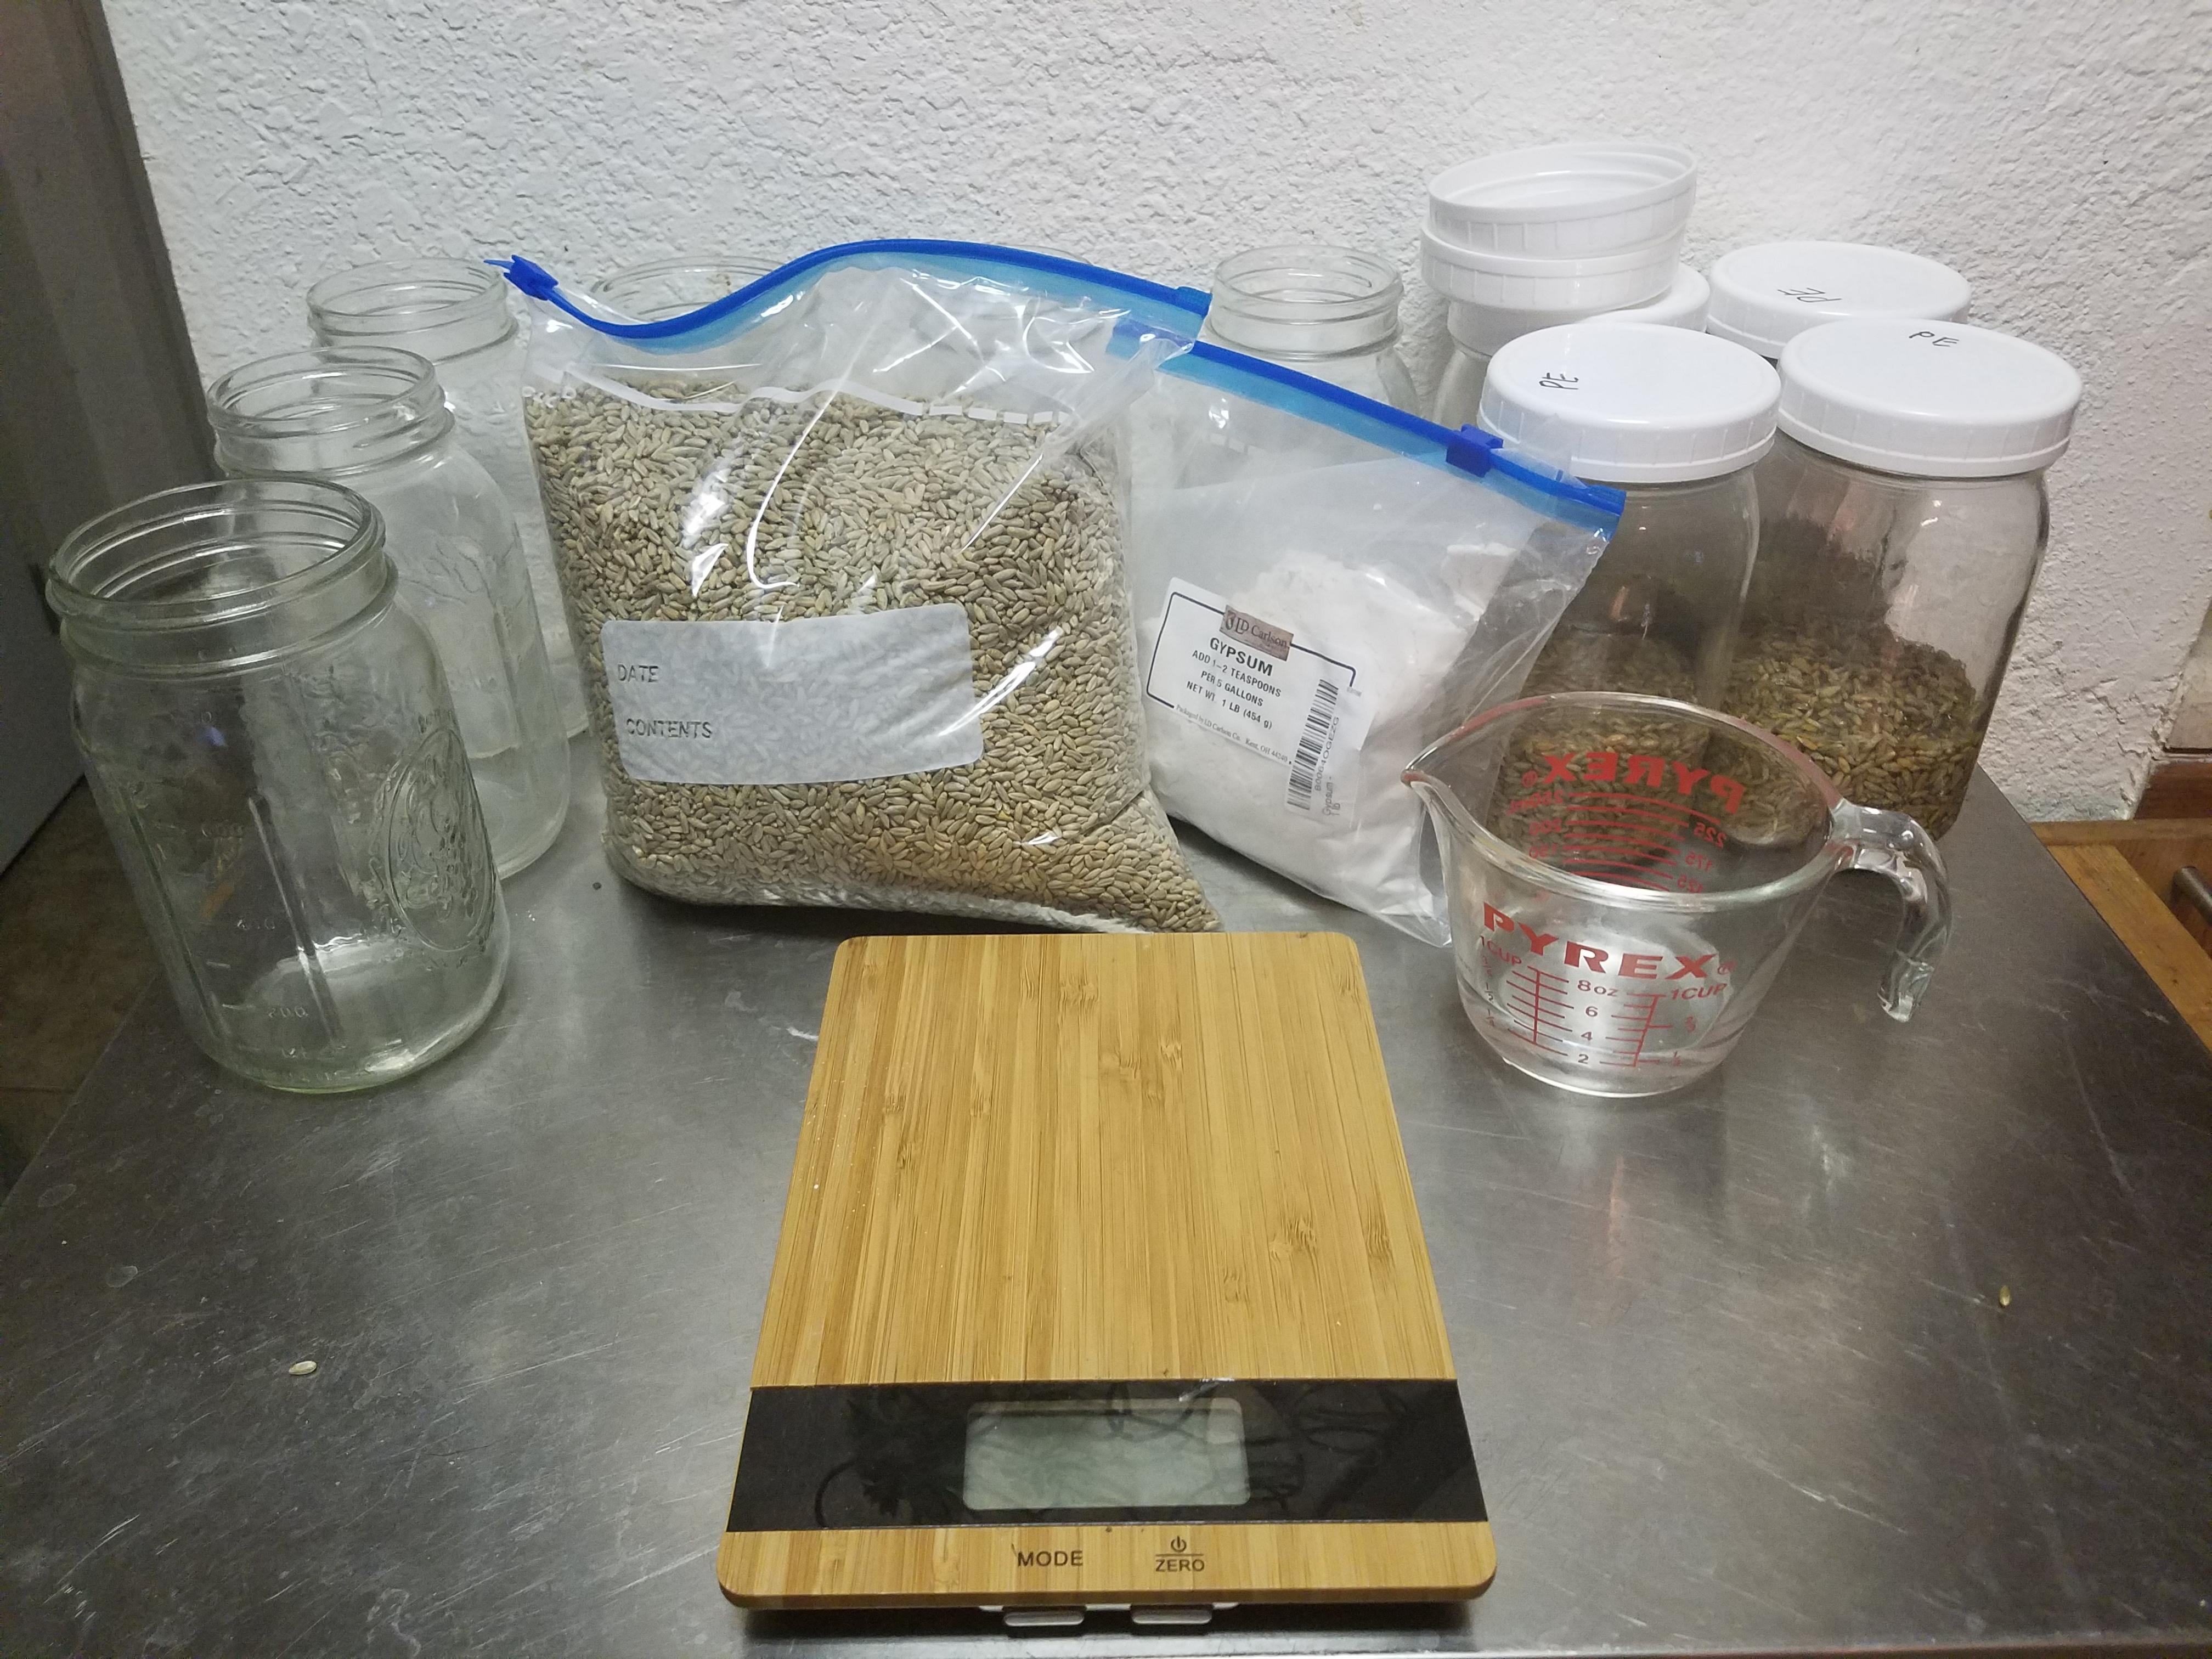 Leon's dry grain TEK : Rye - Mushroom Cultivation